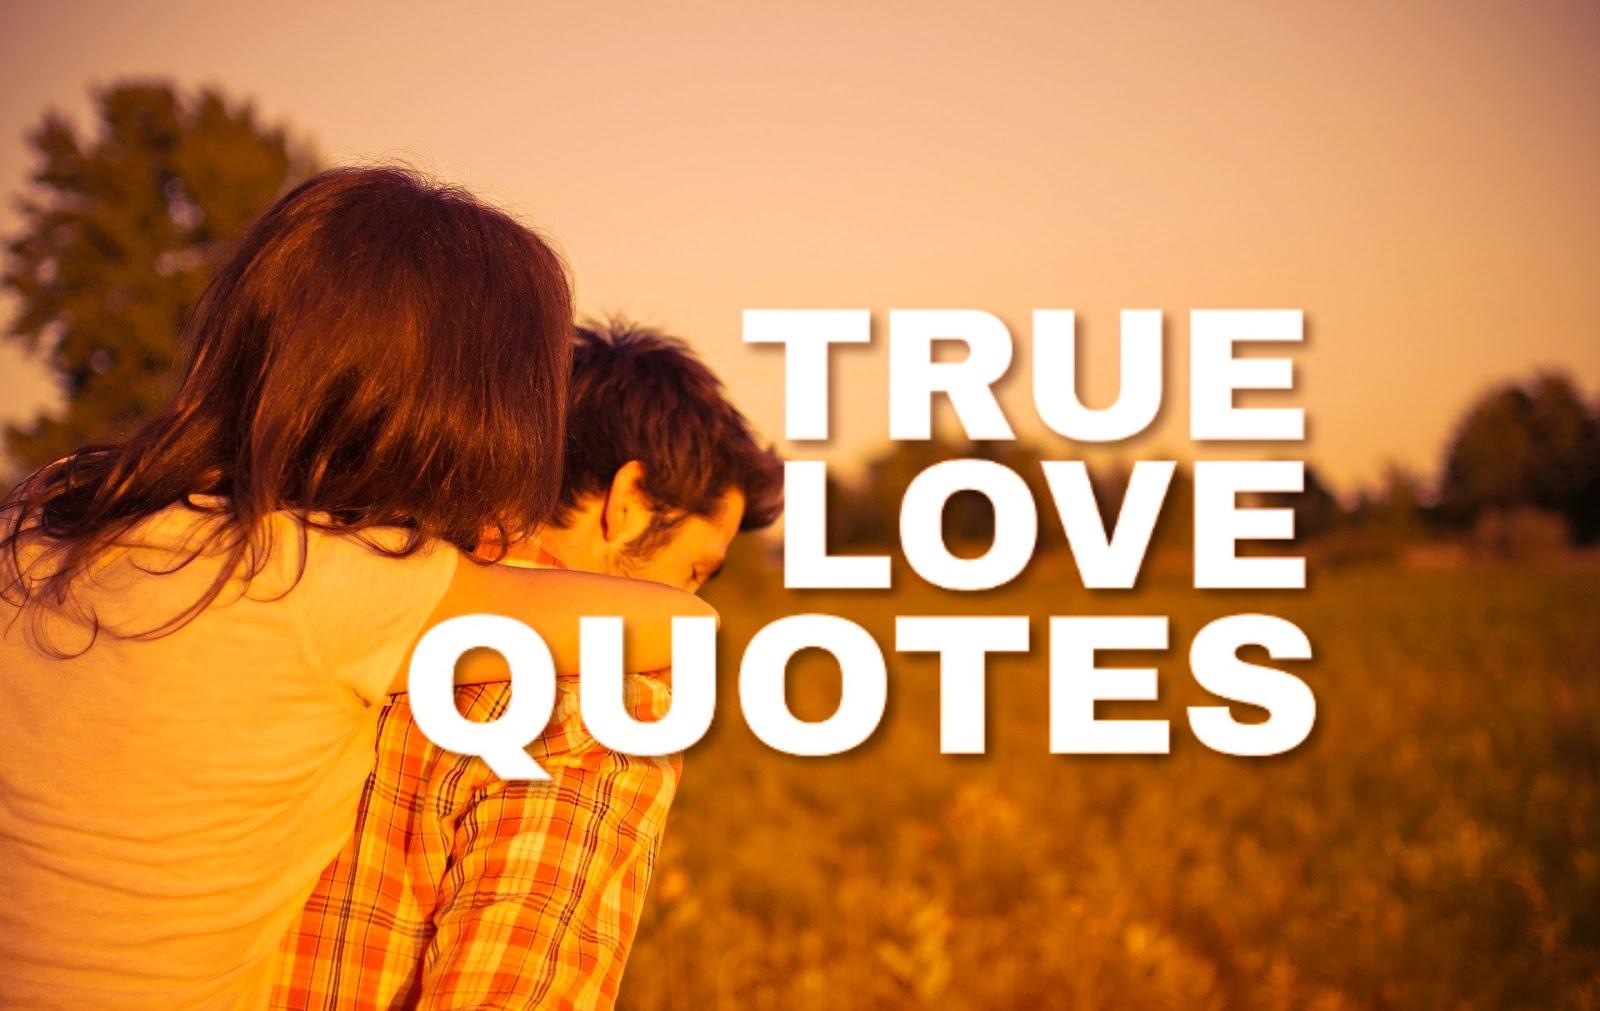 25 True Love Quotes For Boyfriend Girlfriend True Romantic Love Wishes